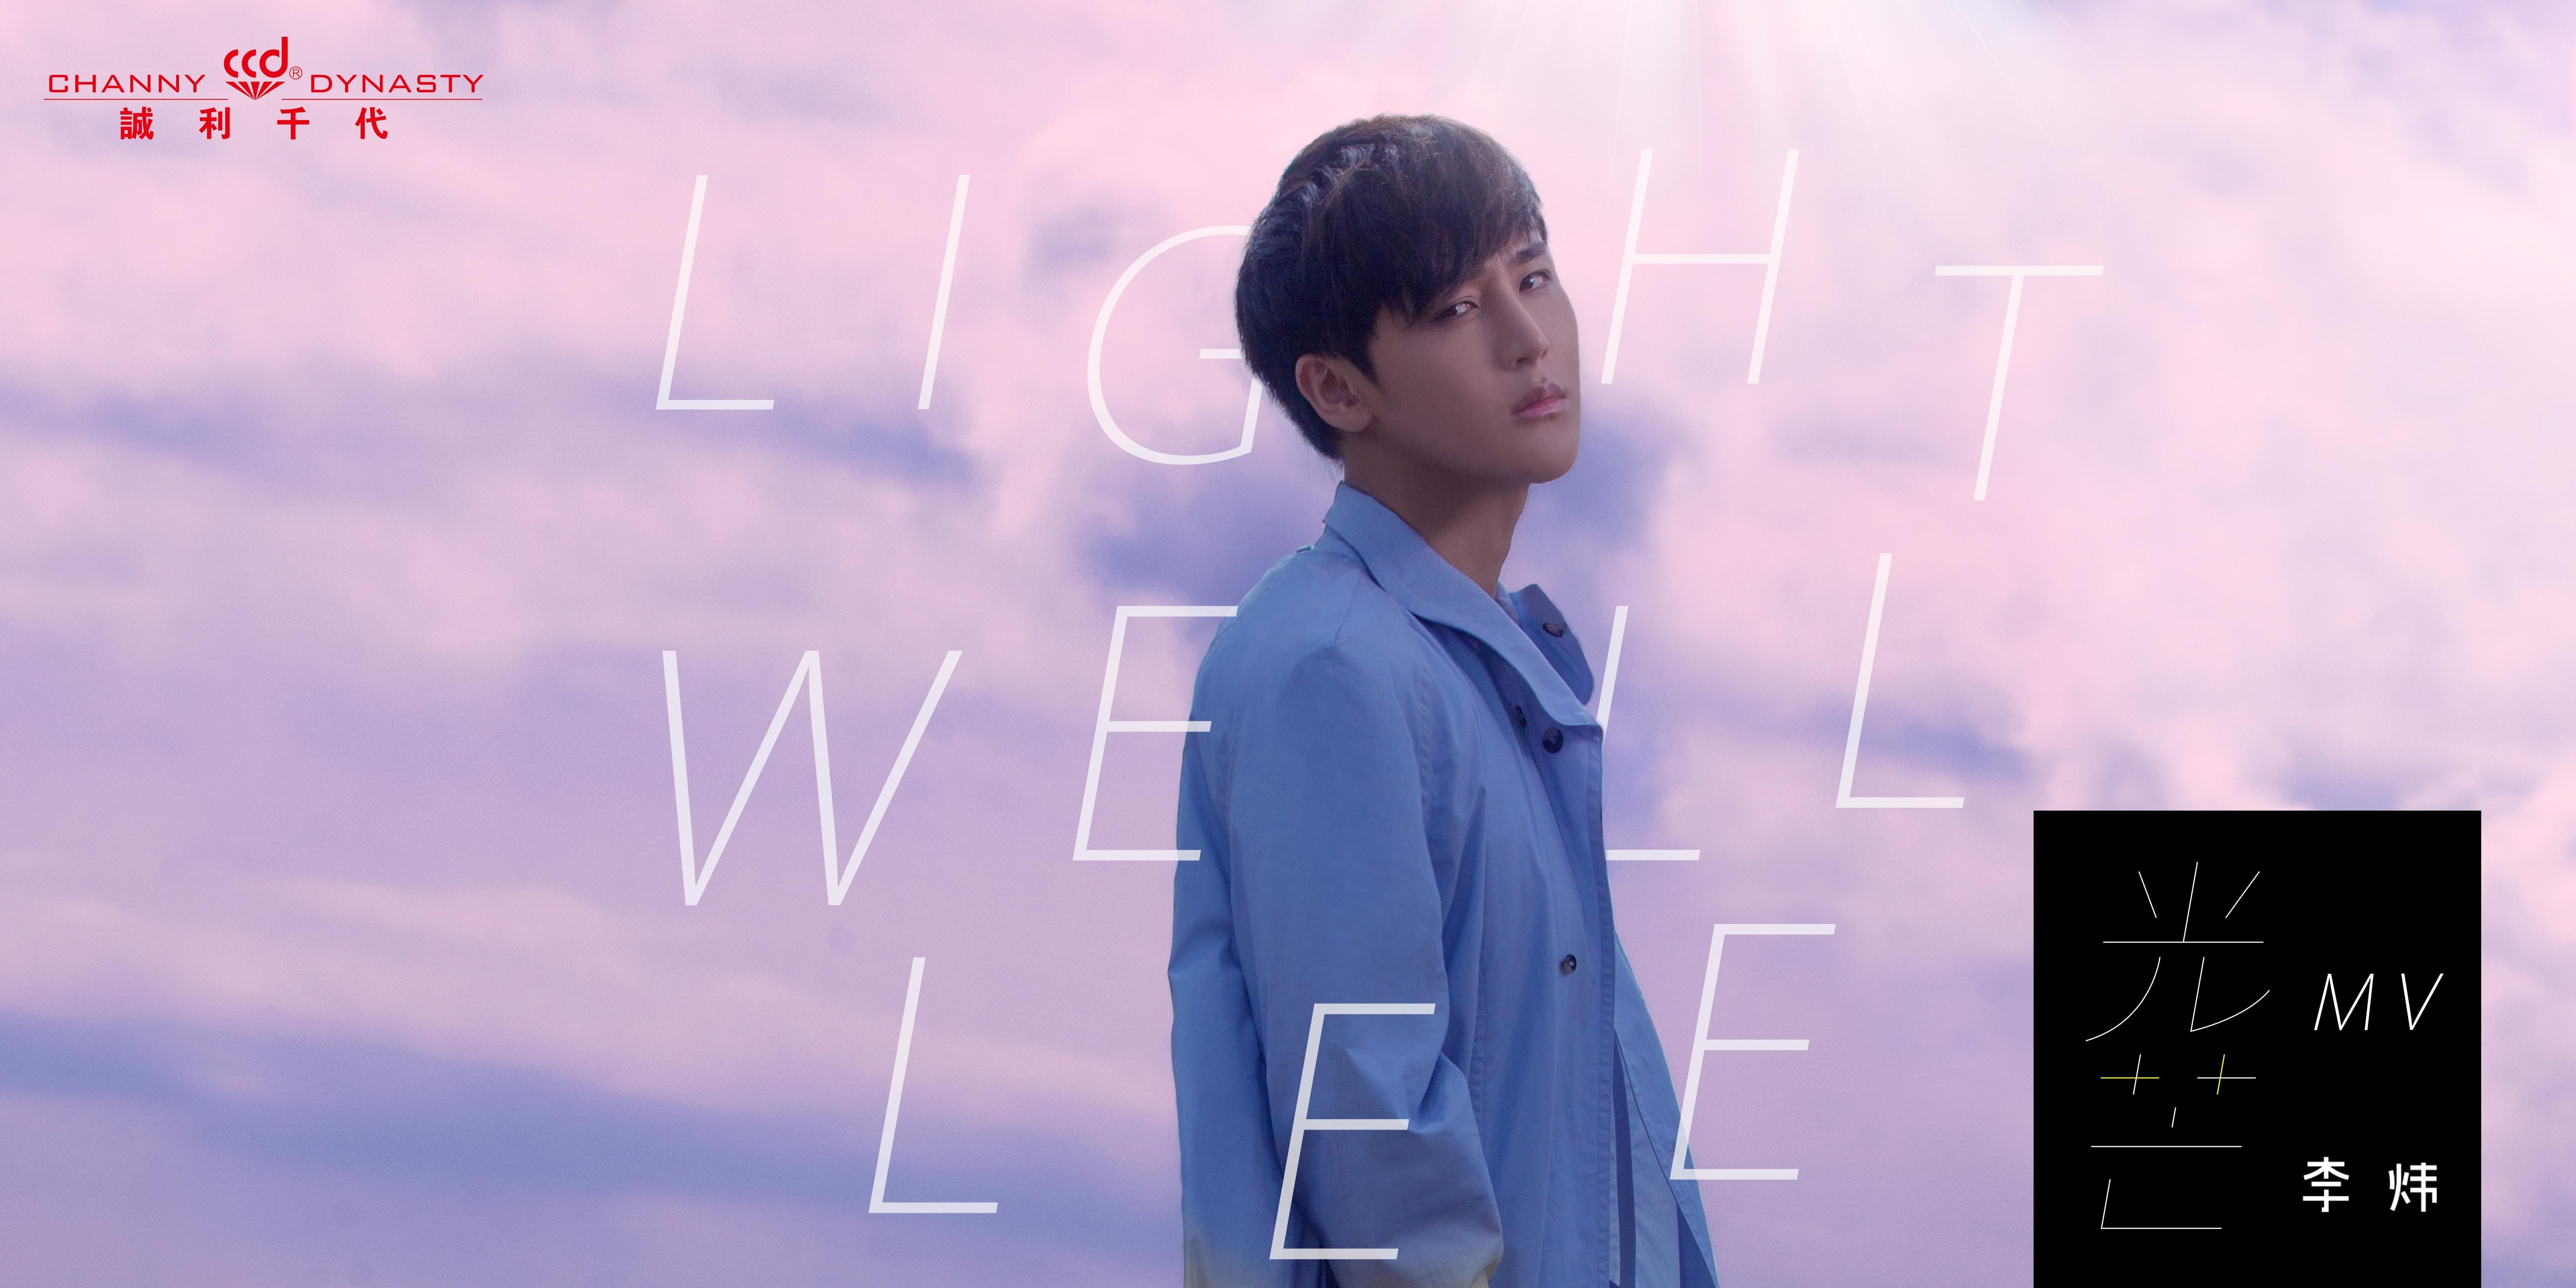 李炜《光芒》MV首播 唤醒独一无二的光芒